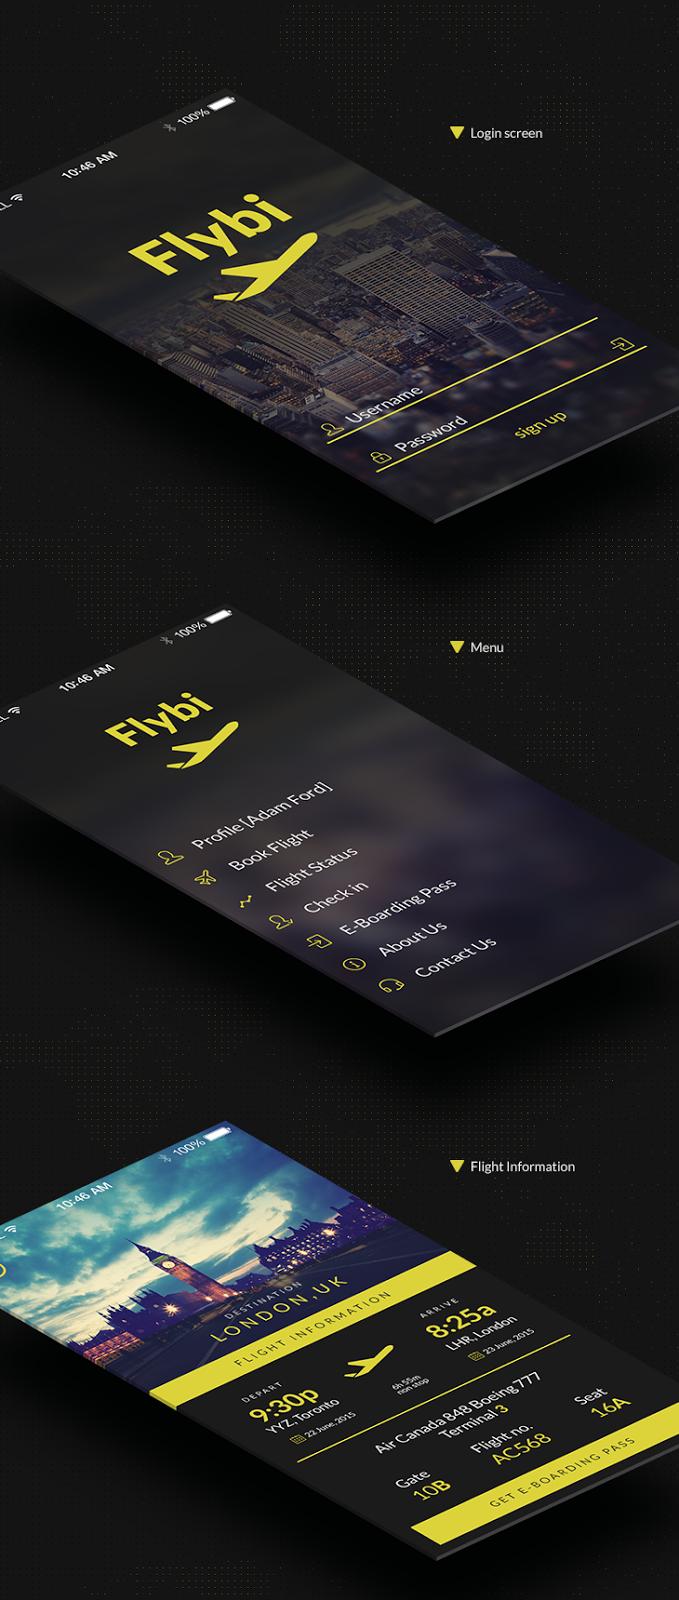 Flybi iOS App Template PSD